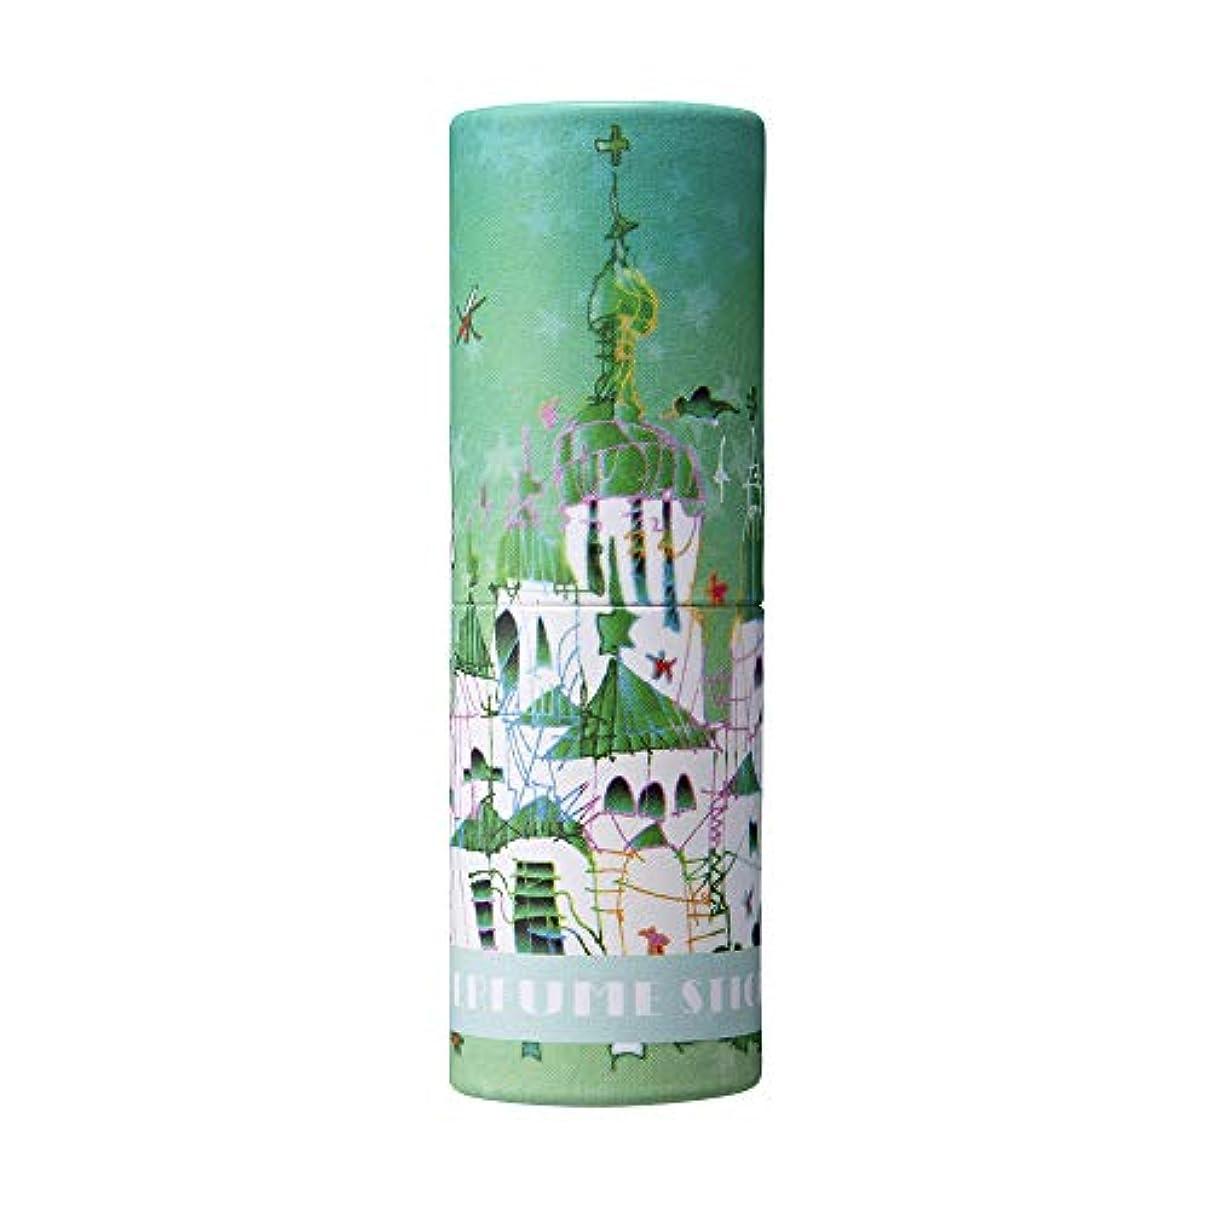 驚いた免除吸収パフュームスティック サンクス グリーンアップル&ムスクの香り 世界遺産デザイン 5g